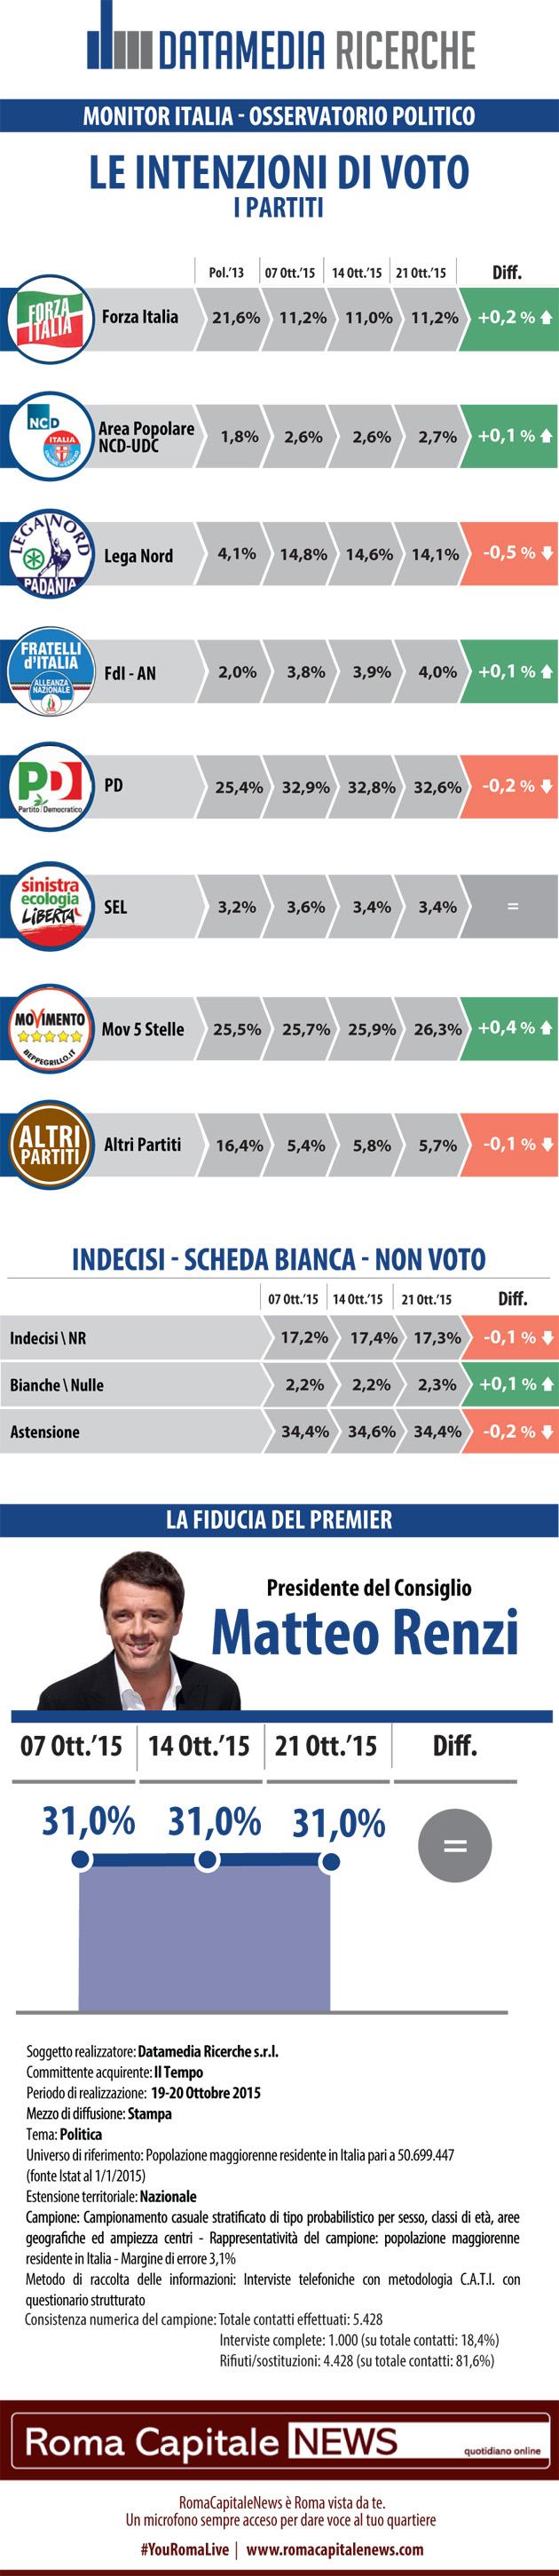 sondaggio m5s, sondaggi elettorali, simboli di partito e percentuali